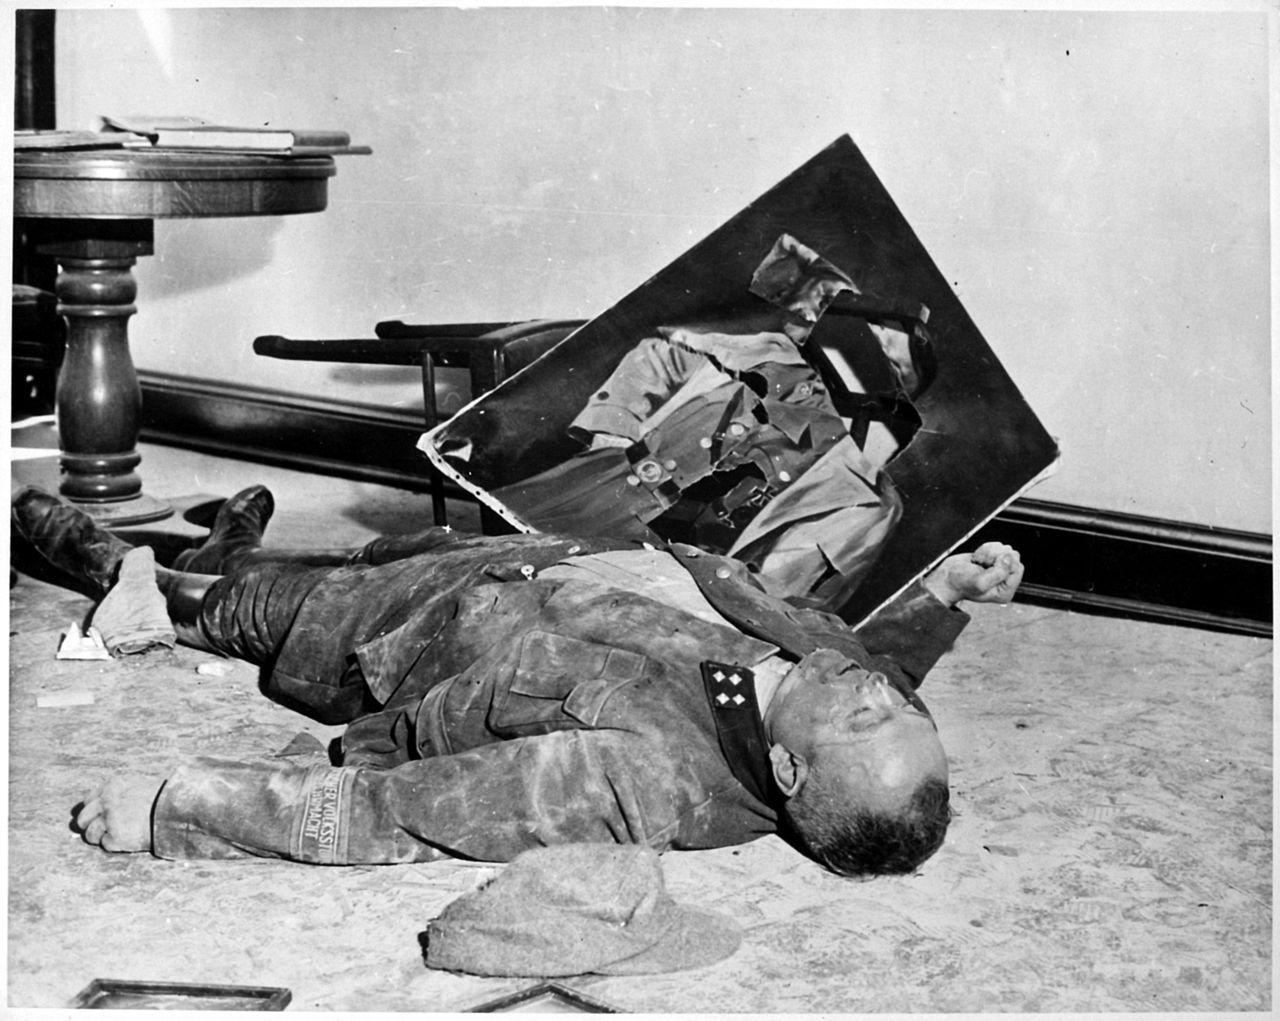 1945. Április 19. Walter Dönicke Volkssturm parancsnok a Lipcsei városházán lett öngyilkos egy Hitler portré mellett, néhány órával a szövetséges csapatok bevonulása előtt..jpg